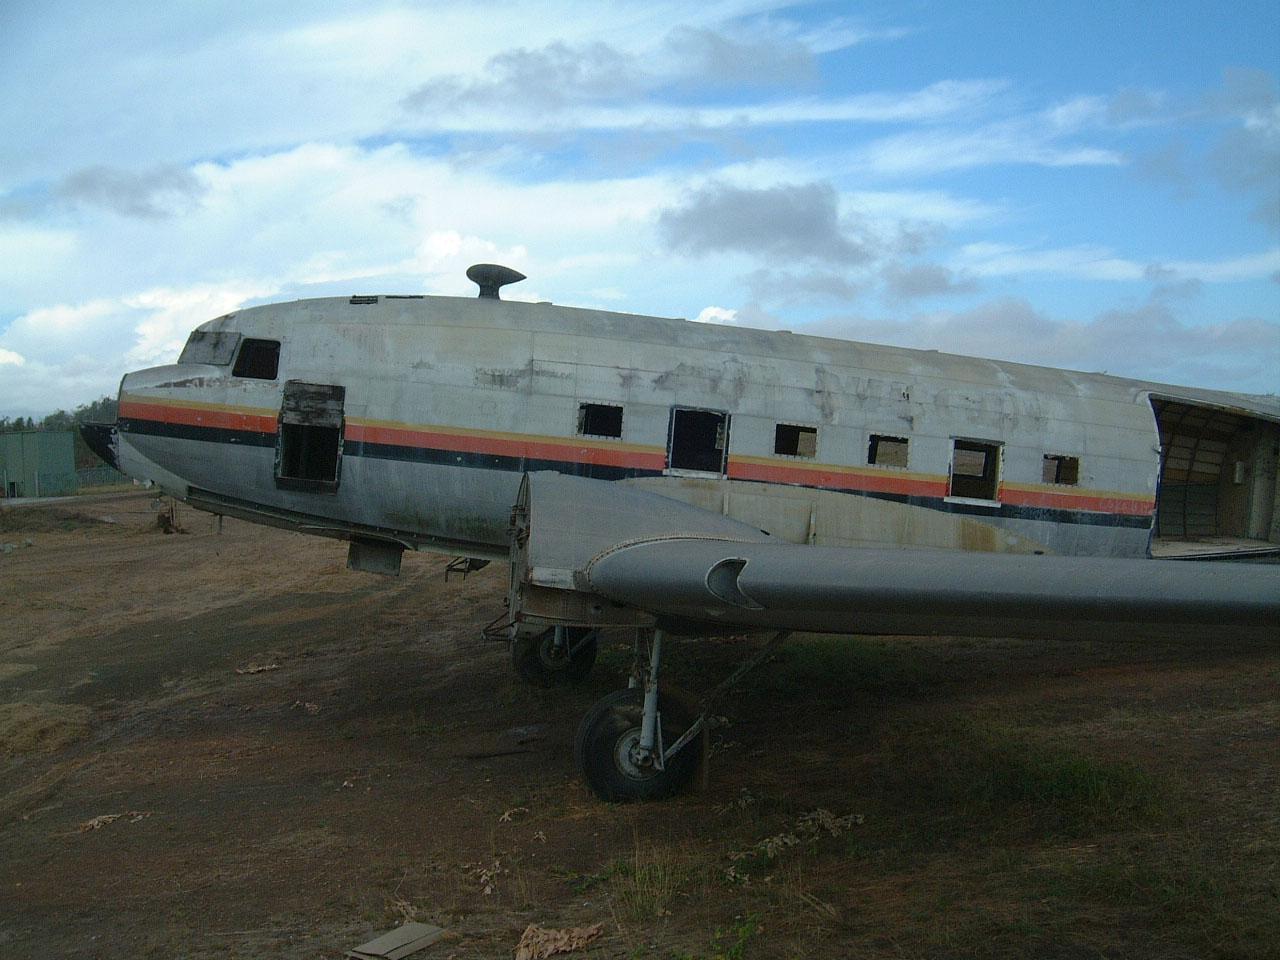 Port Moresby C 47 Air Niugini N55894 abandoned Sep 2002 04